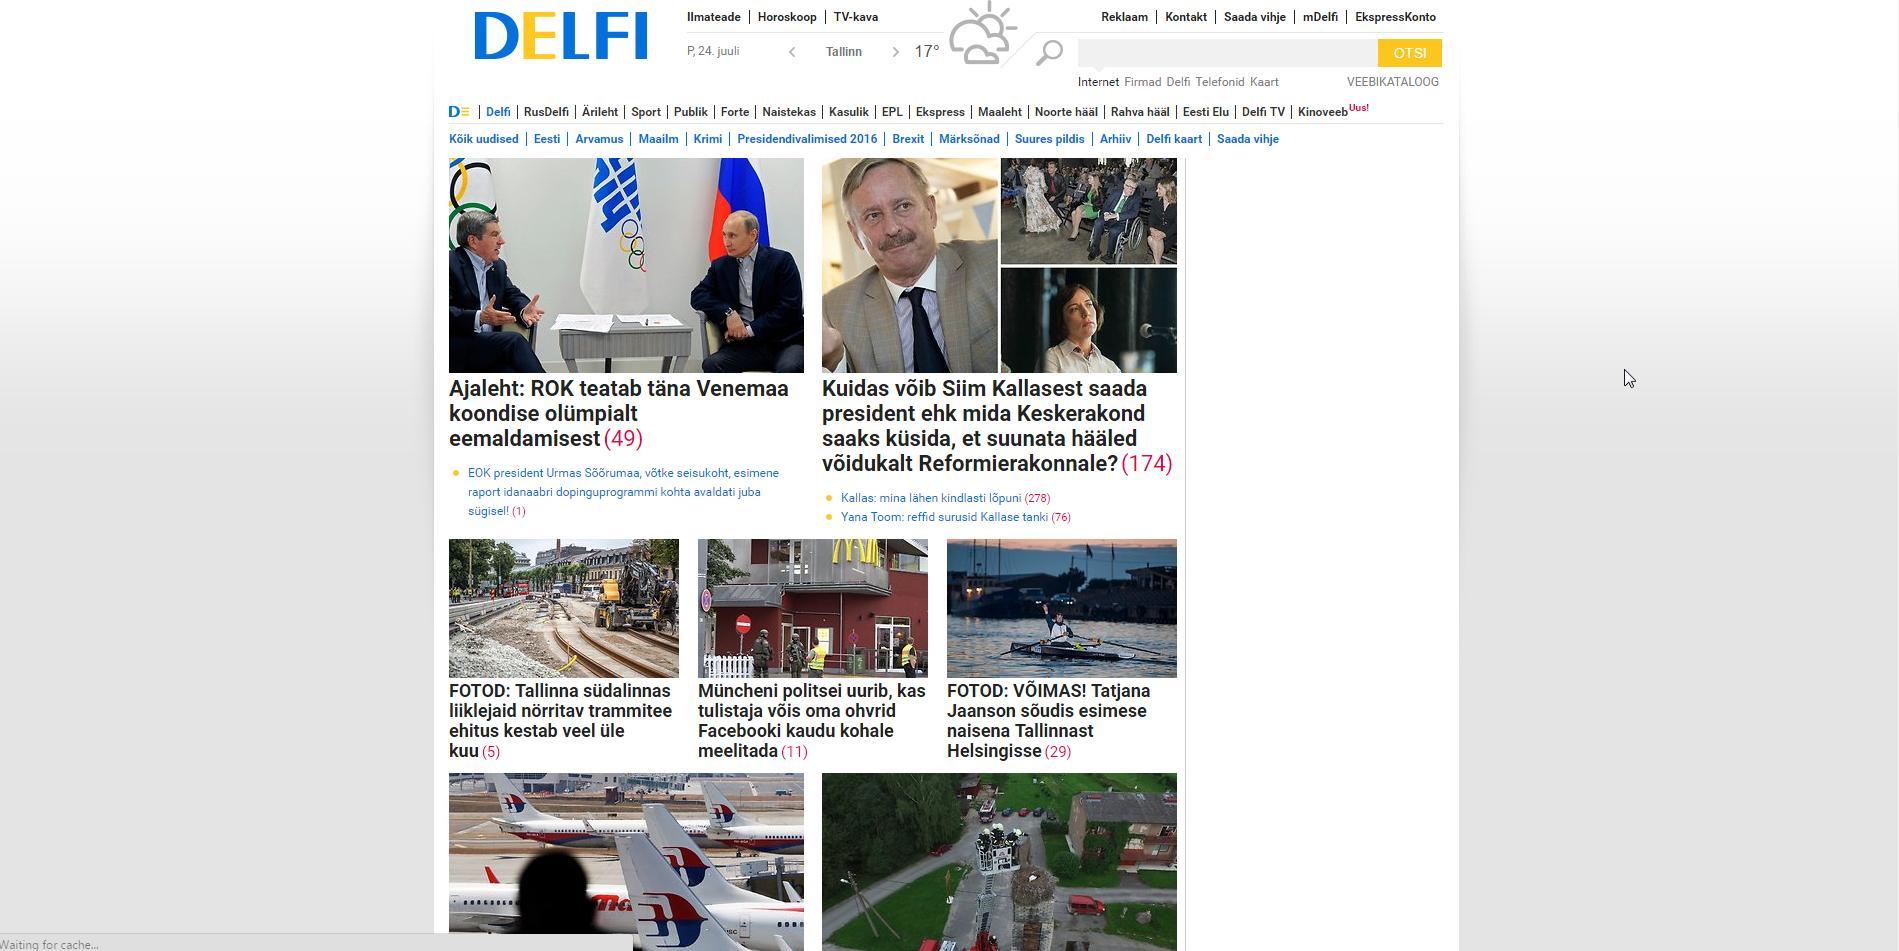 f131395da00 Delfi reklaamid ajavad hulluks - blokkija ei toimi :: Hinnavaatluse ...